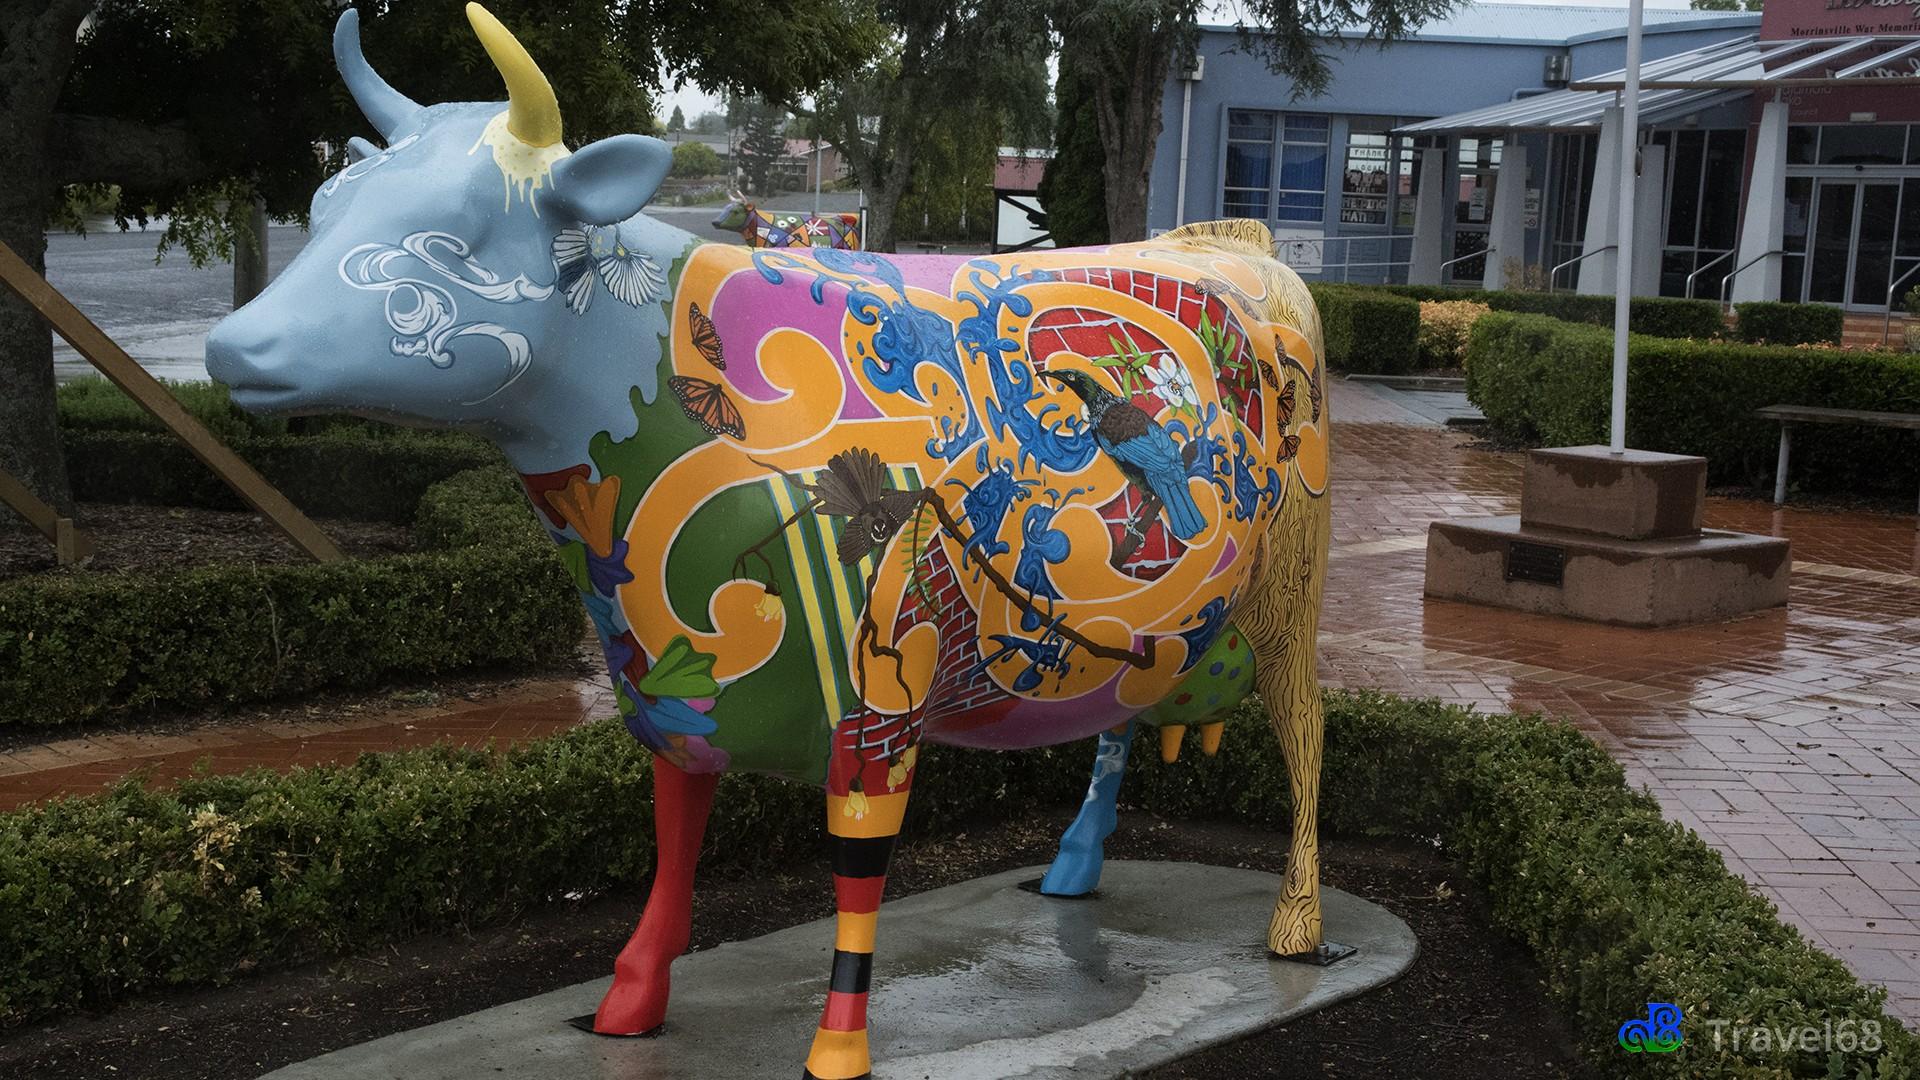 Dit is de kiwiana koe.